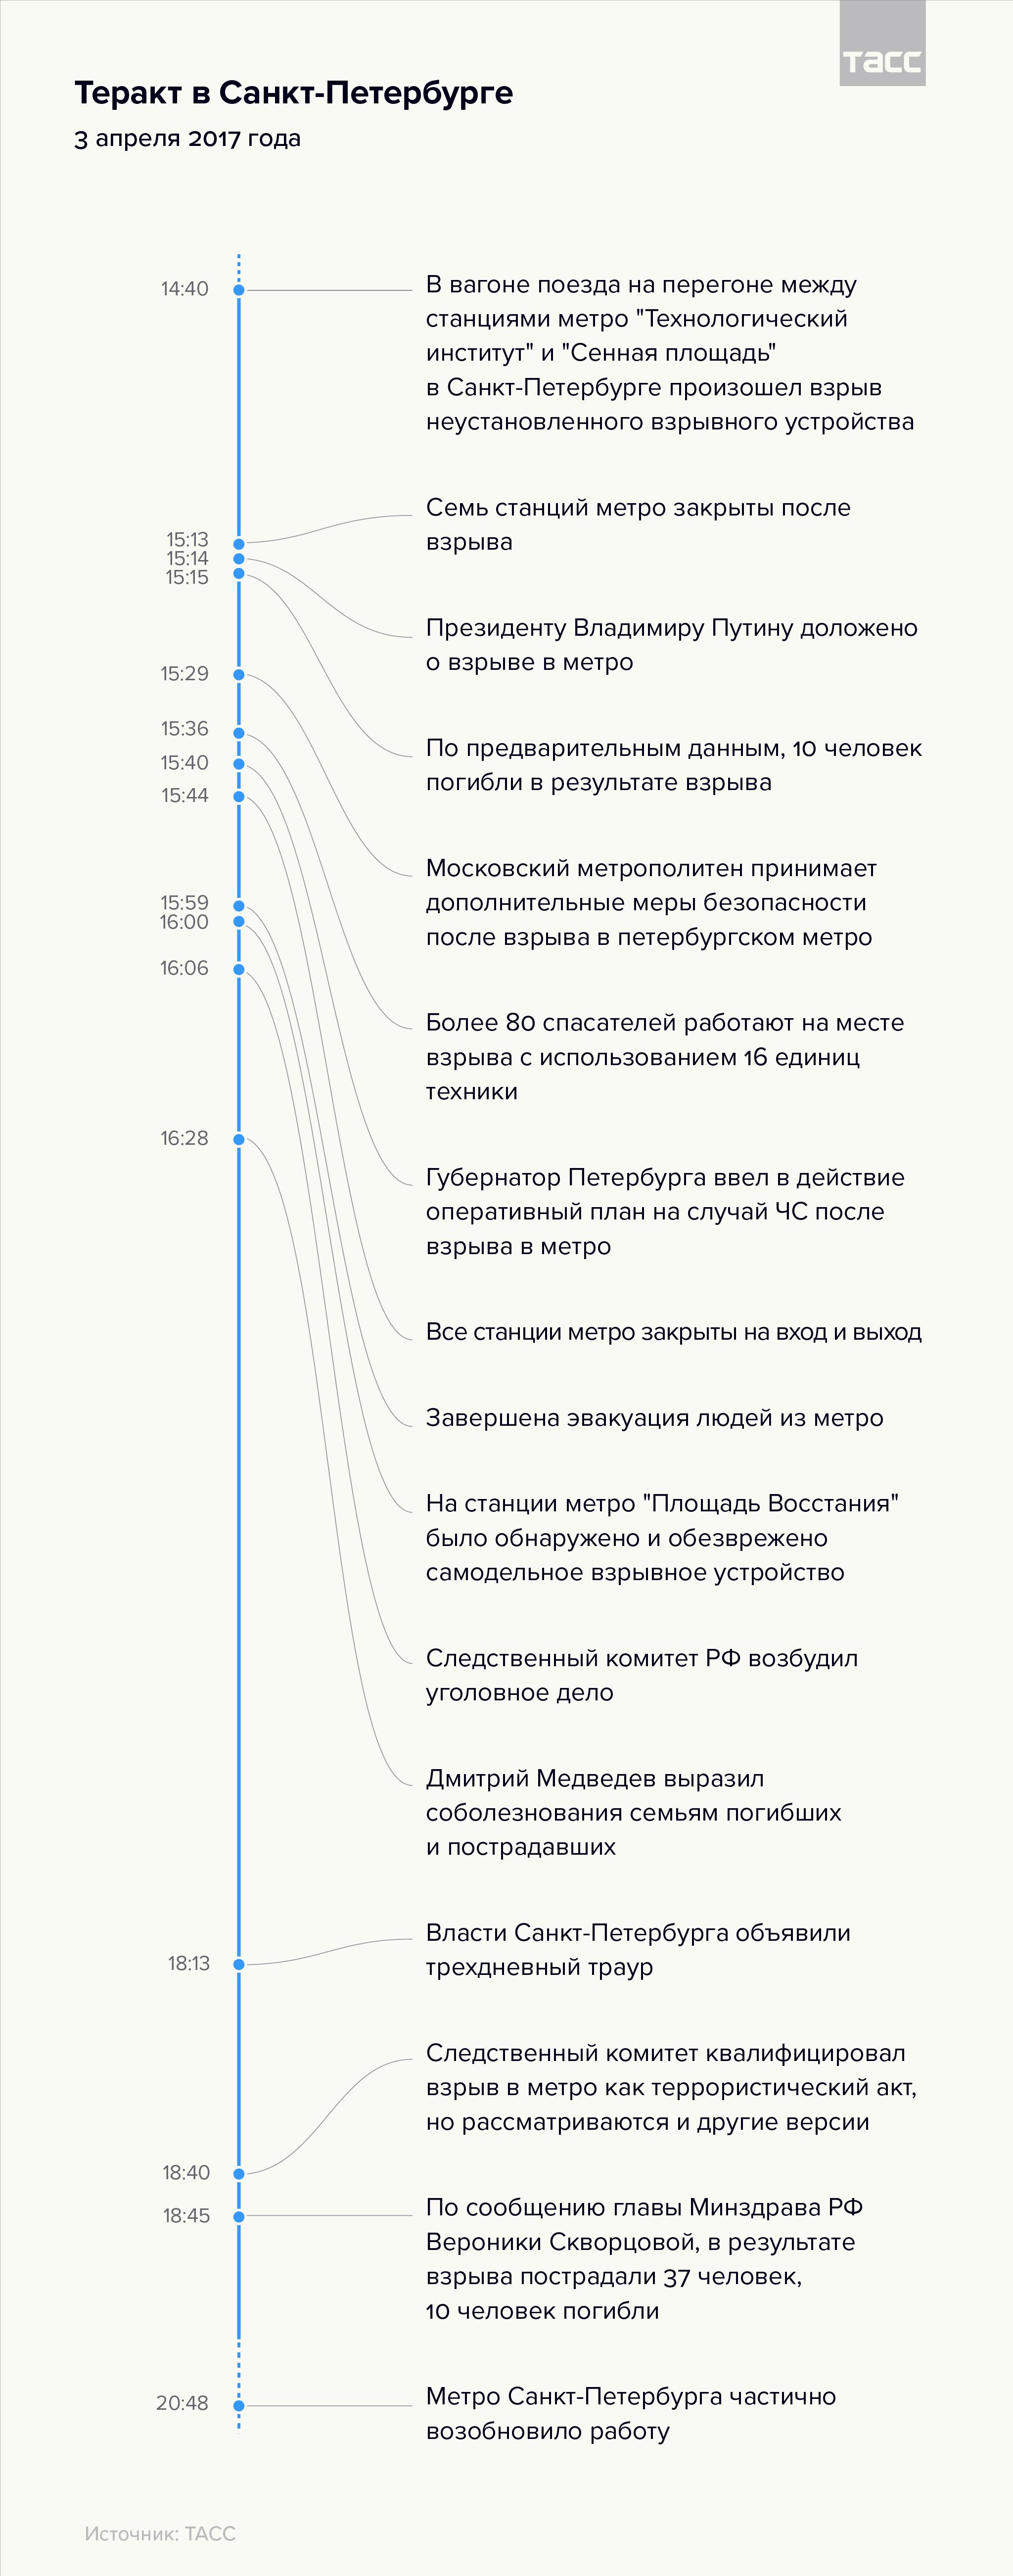 Теракт в Санкт-Петербурге: хроника событий